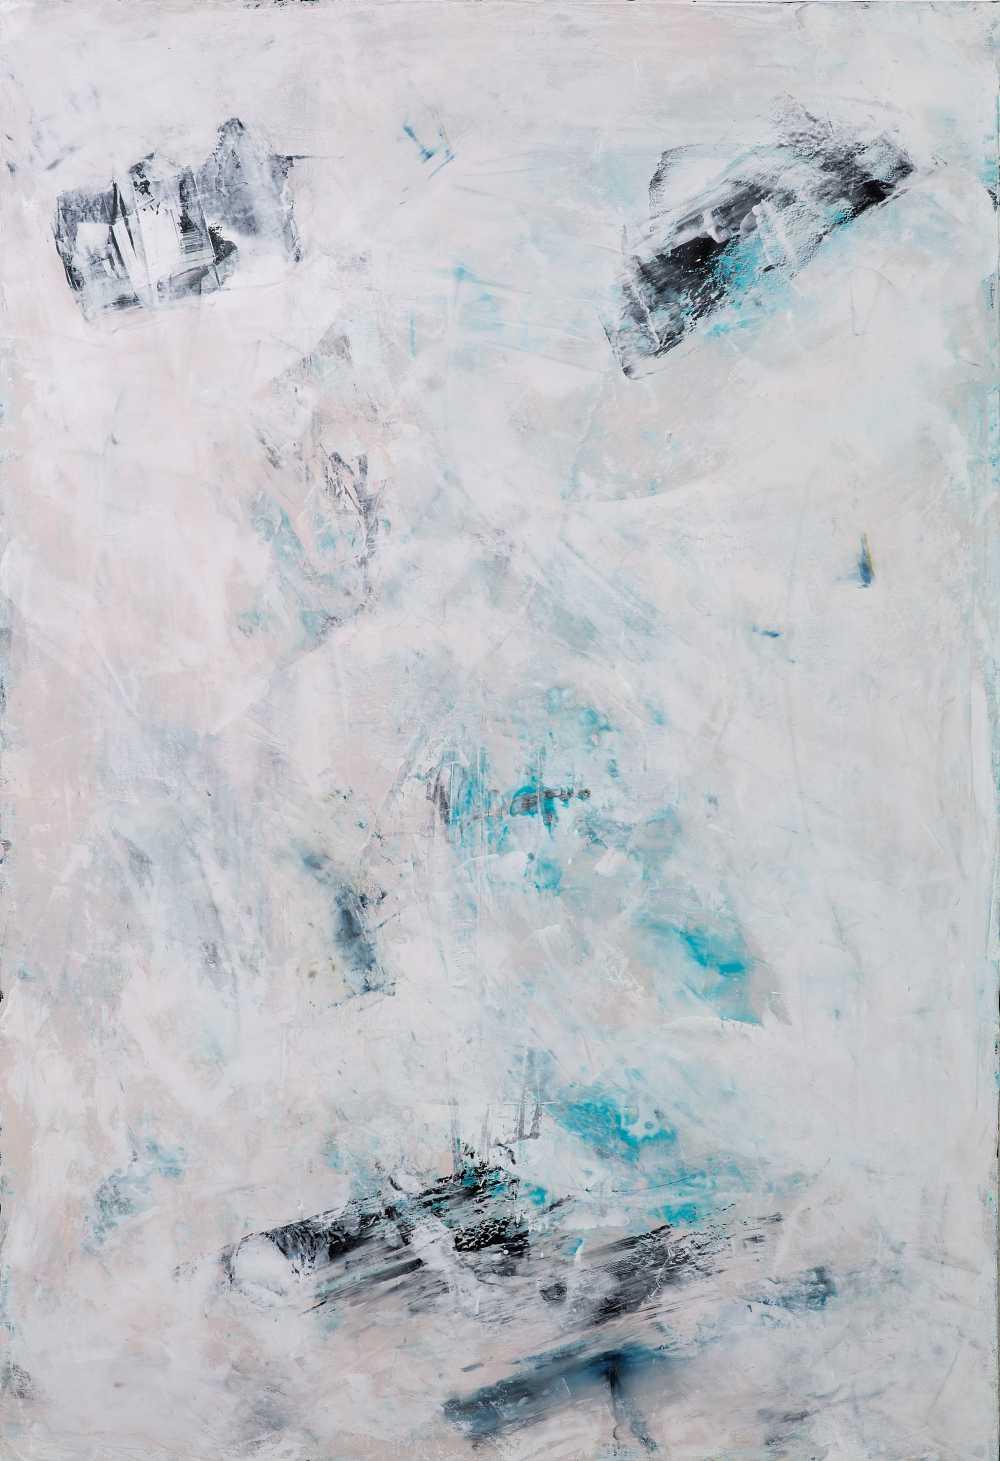 David Benforado, White-Turquoise